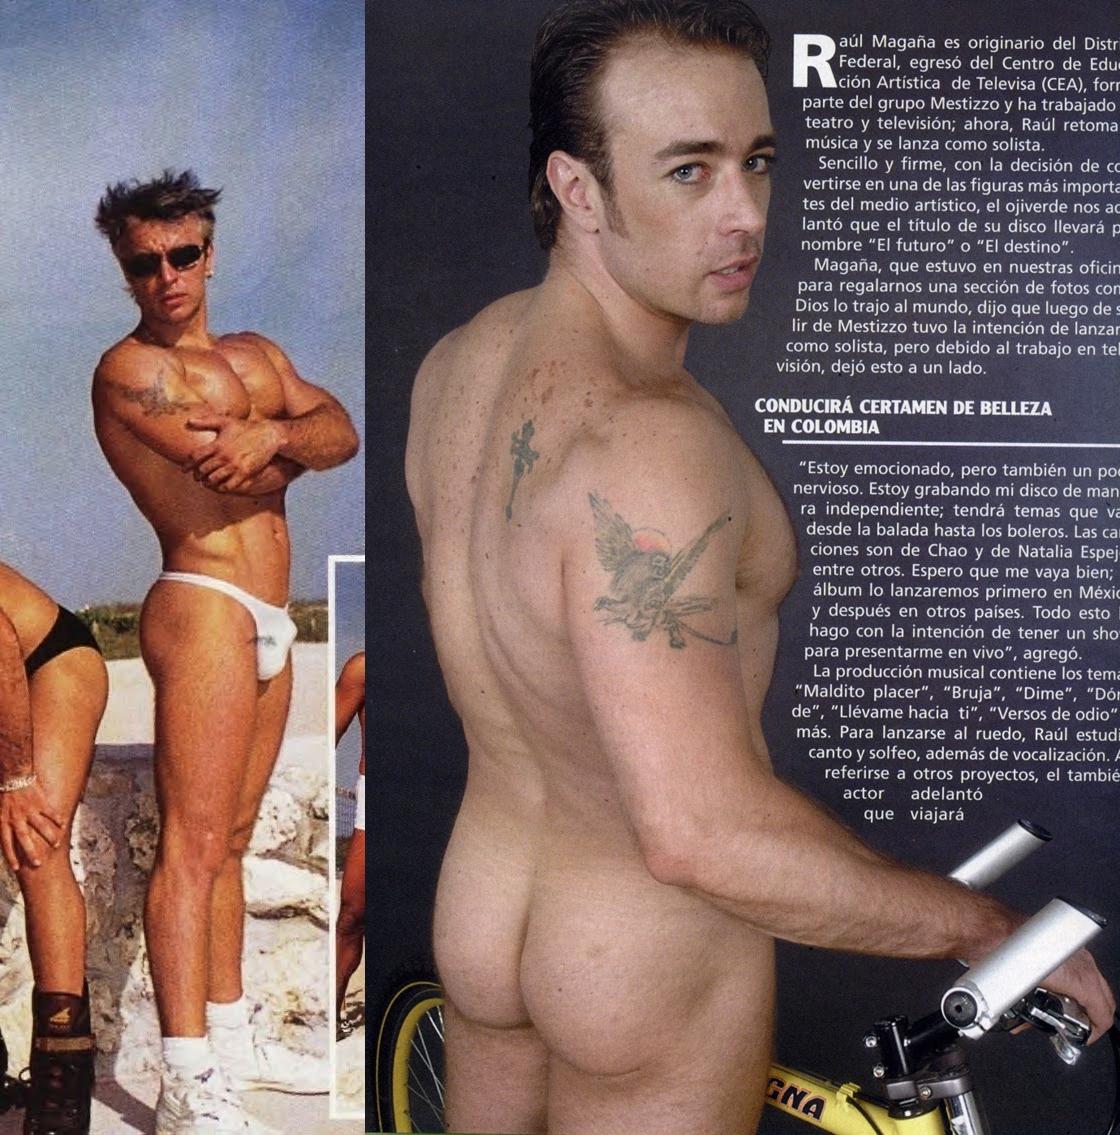 Aaron lautner y alejandro chus follada gay en el semad - 2 9